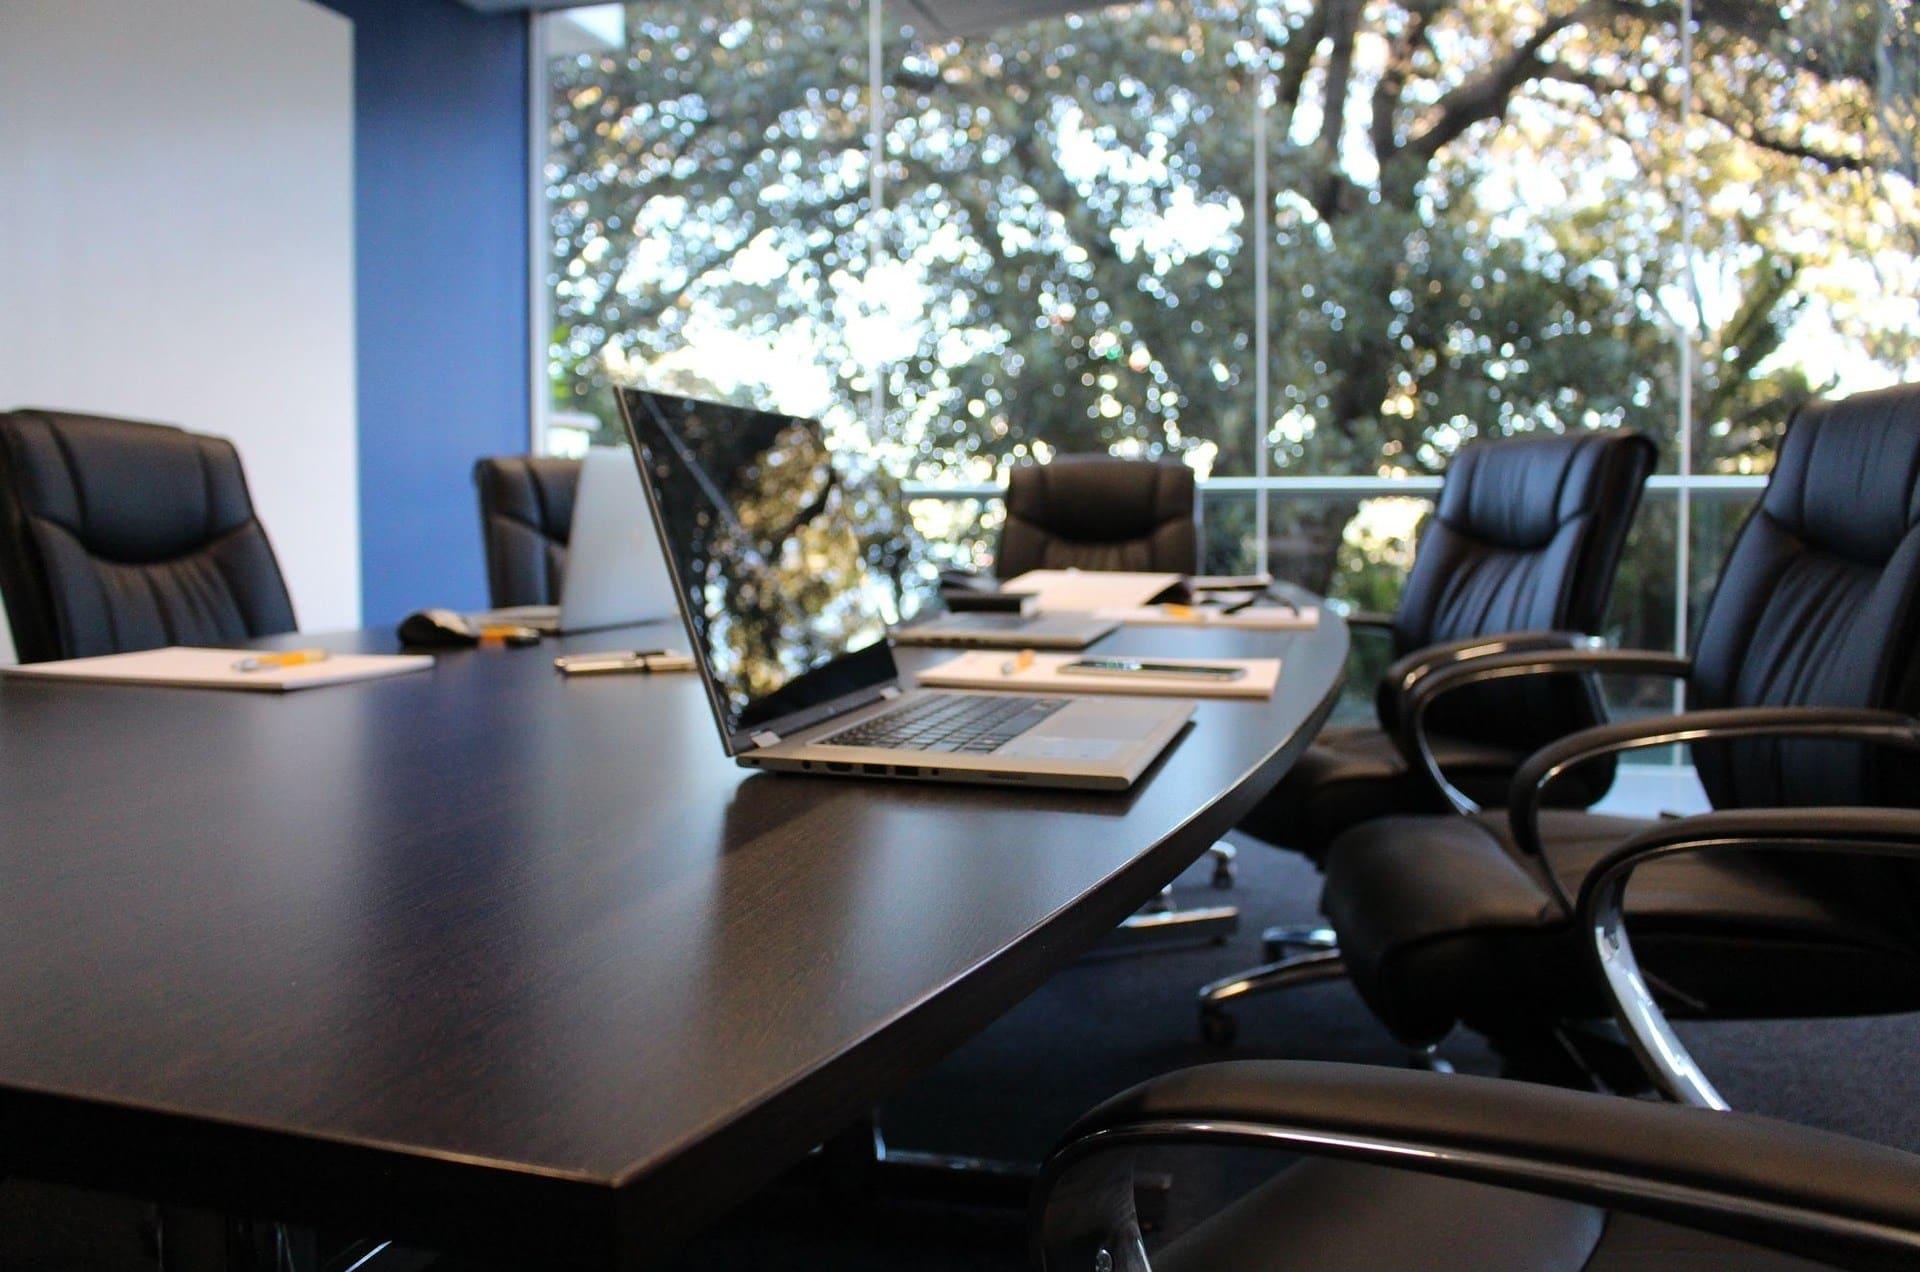 Une salle de réunion d'entreprise